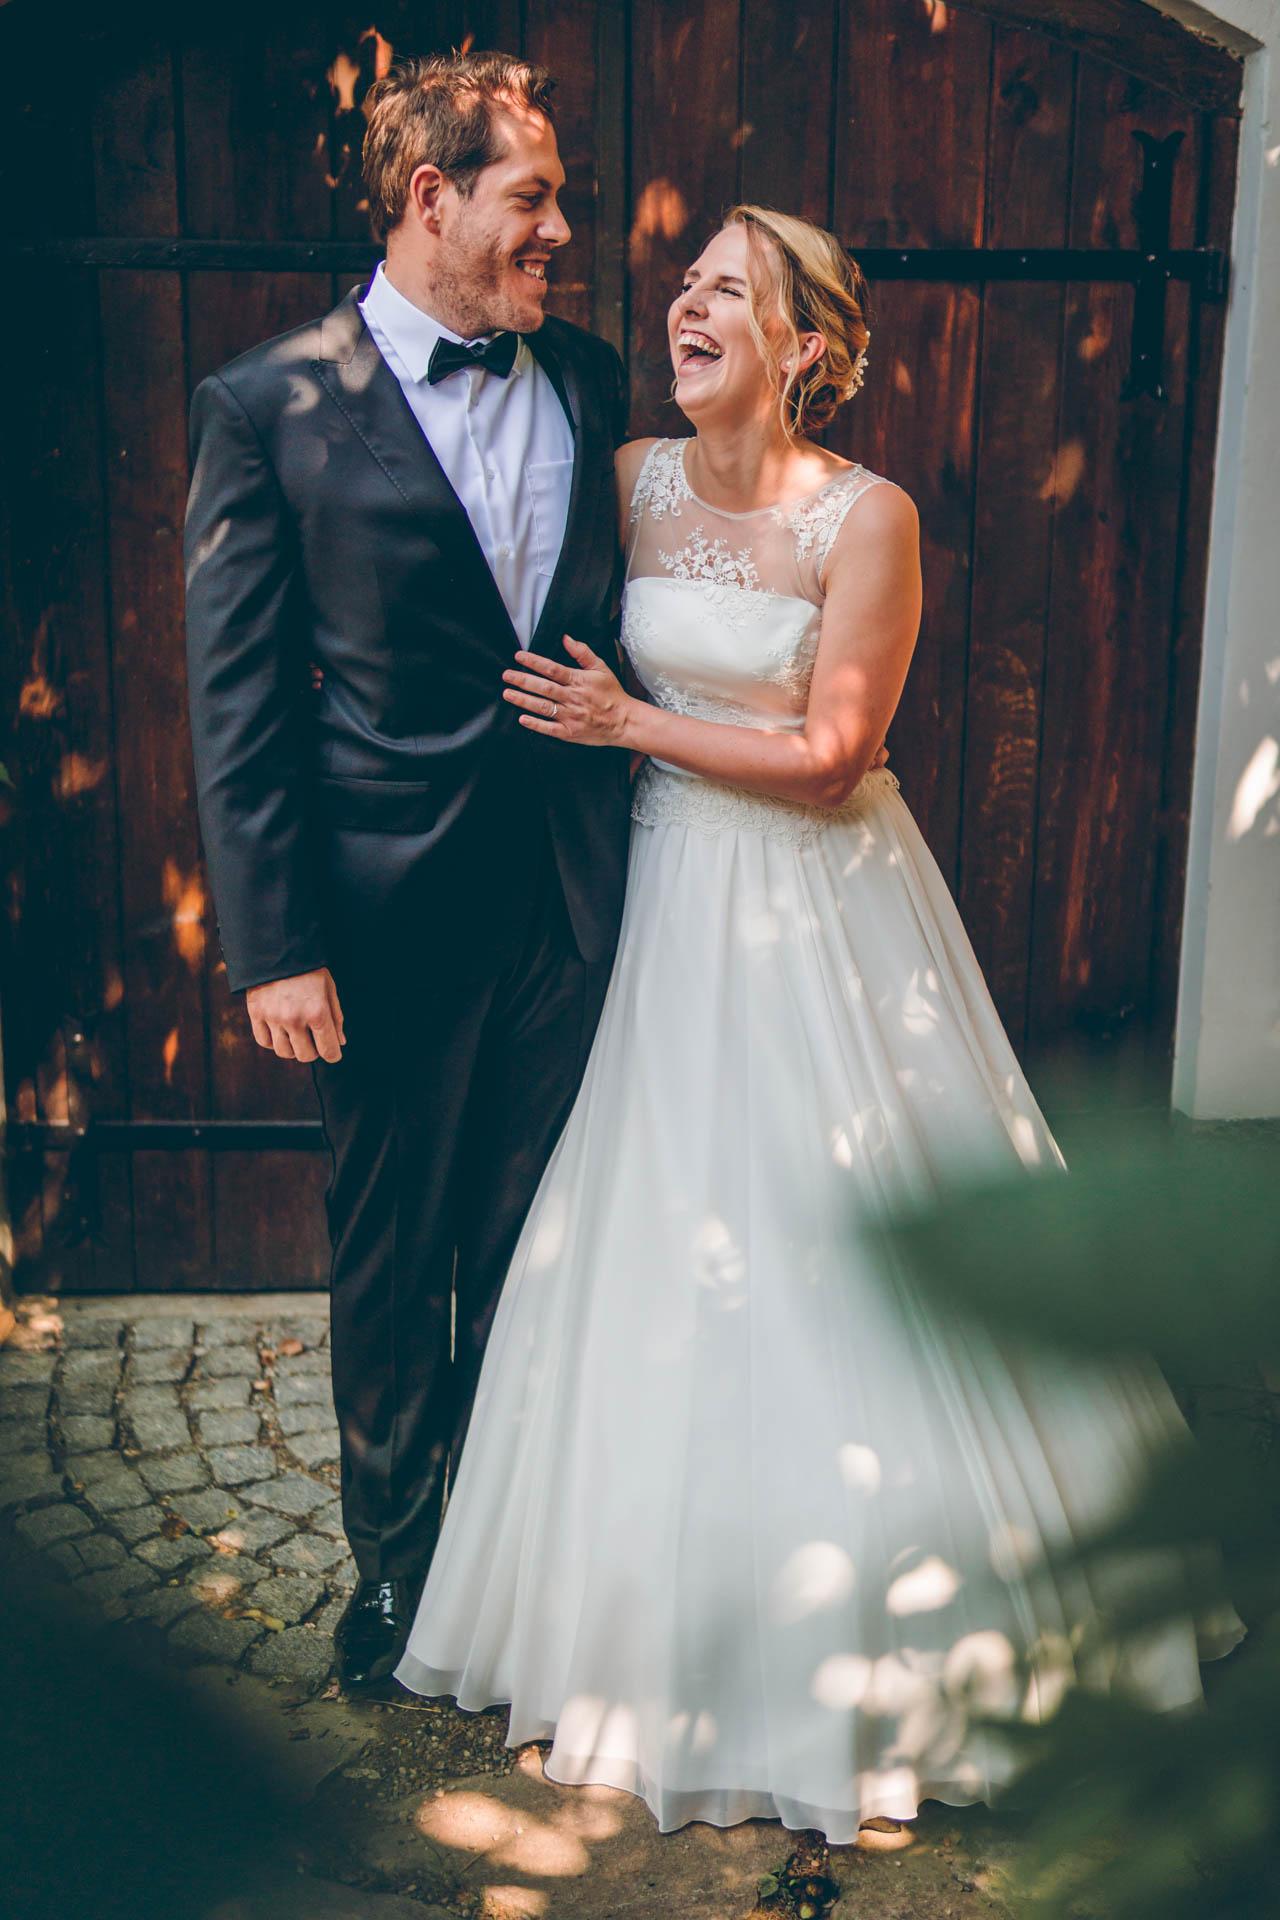 Das Hochzeitspaar beim Hochzeitsshooting mit einem herzlichen Lachen